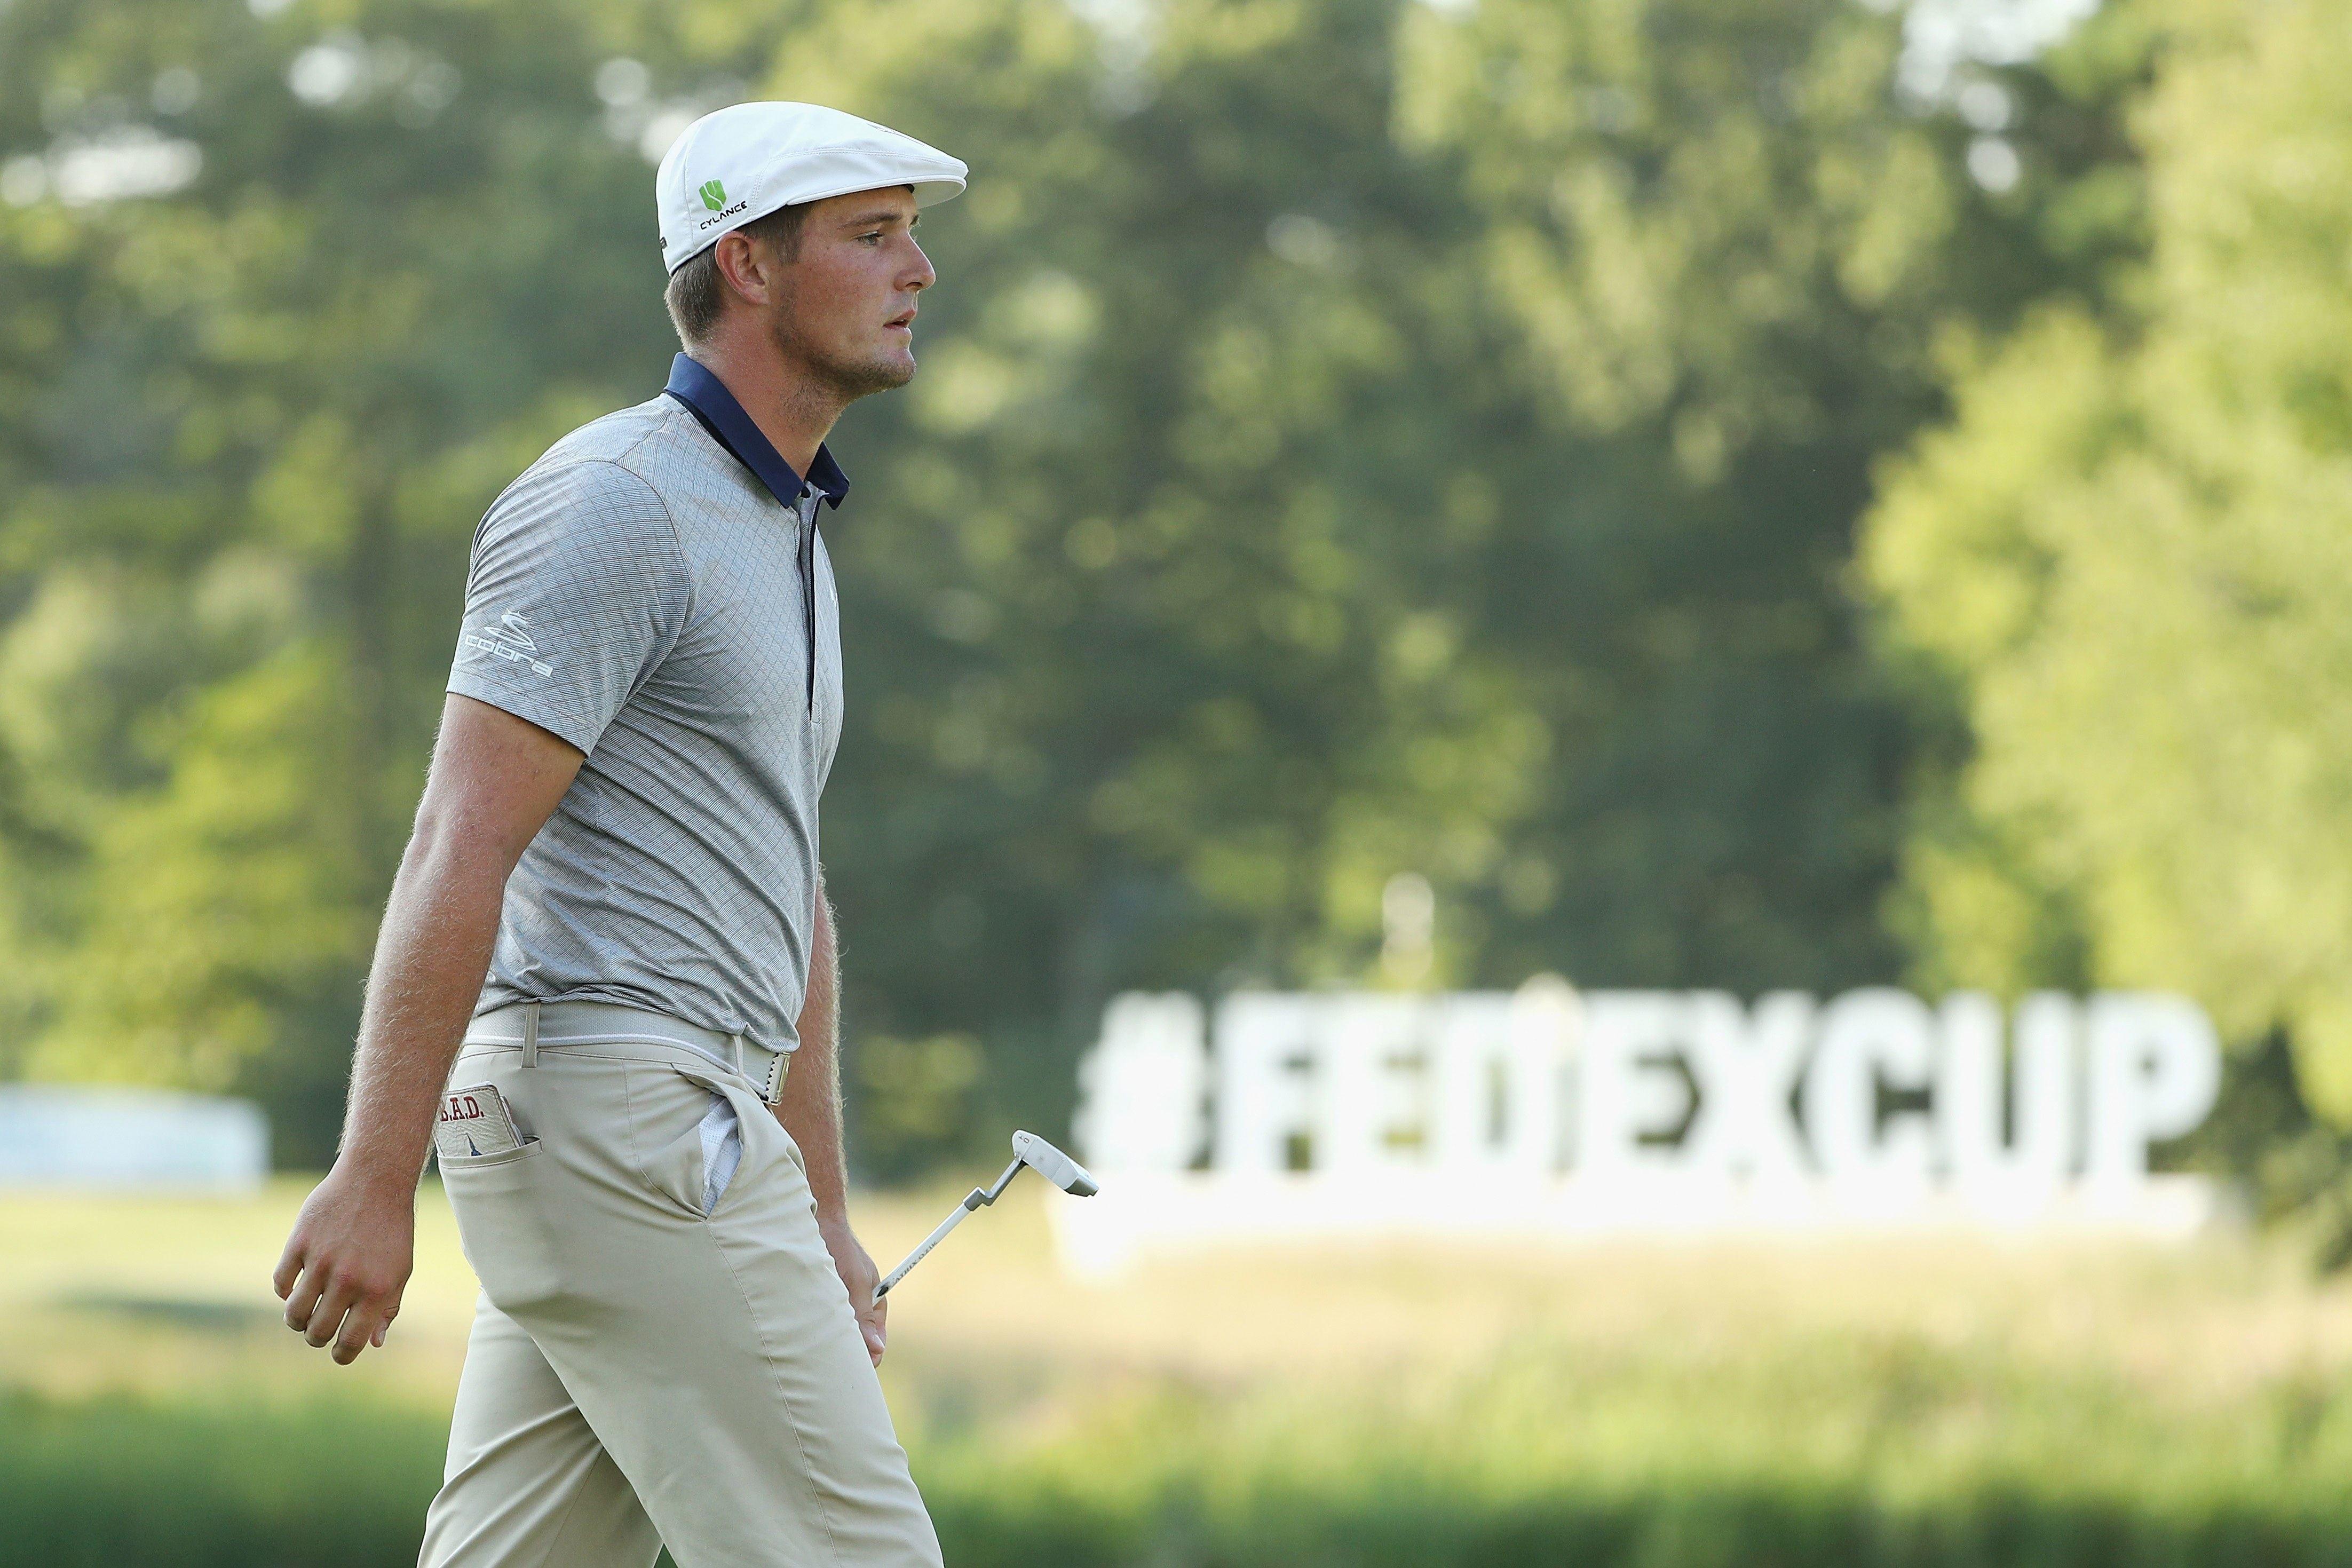 Bryson DeChambeau FedEx Cup golf odds